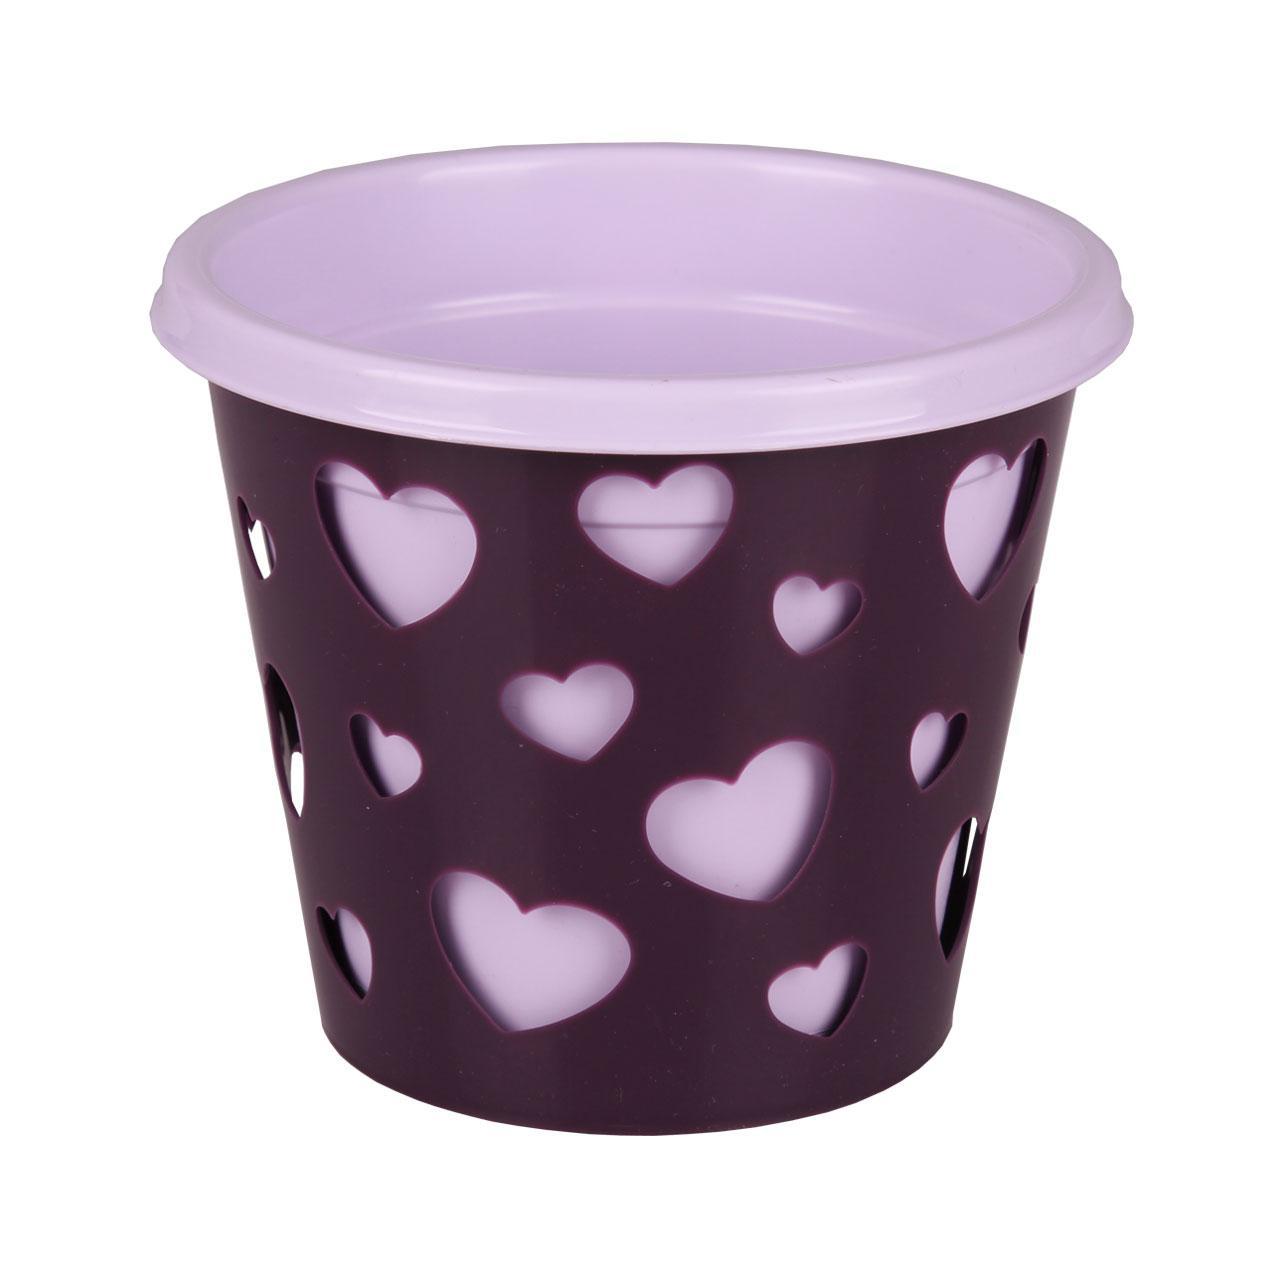 Горшок-кашпо Альтернатива Валентинка, со вставкой, цвет: светло-сиреневый, фиолетовый, 2 л77489Горшок-кашпо Альтернатива Валентинка выполнен из высококачественного пластика. Стенки изделия декорированы перфорацией в виде сердец разного размера. В комплекте пластиковая вставка, которая вставляется в горшок-кашпо. Такой горшок-кашпо прекрасно подойдет для выращивания растений и цветов в домашних условиях. Лаконичный дизайн впишется в интерьер любого помещения. Размер горшка: 17 см х 17 см х 16,5 см. Размер вставки: 18 см х 18 см х 16 см.Объем: 2 л.